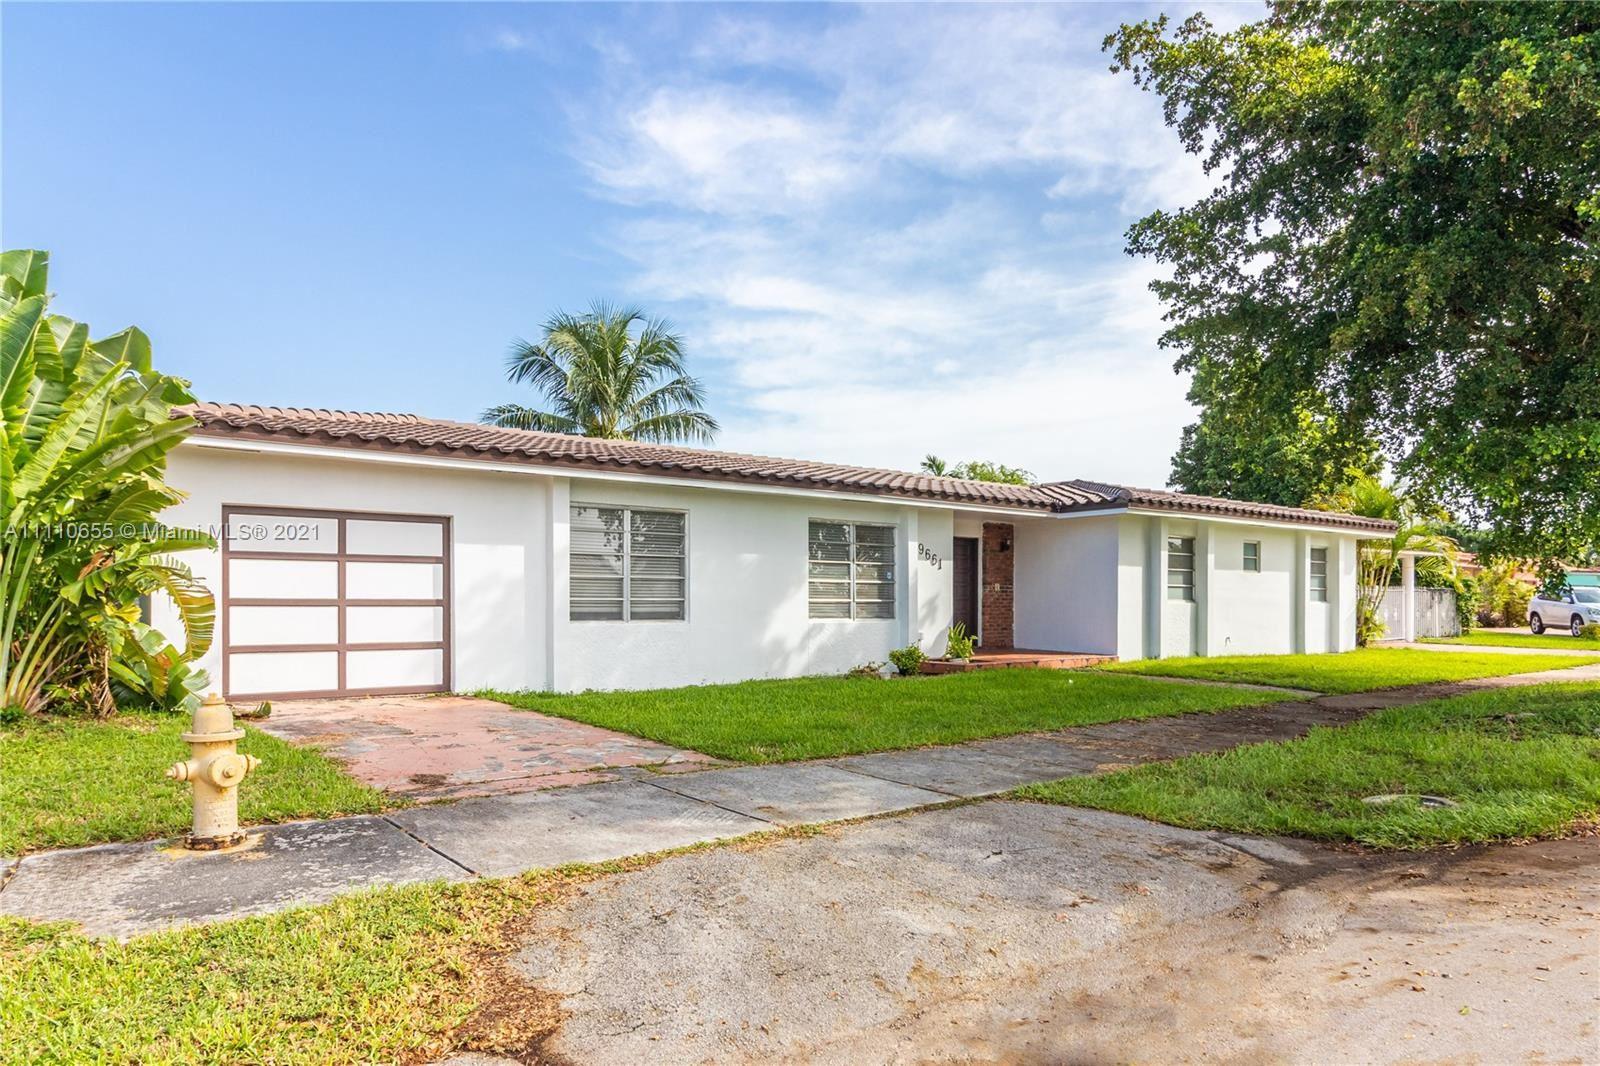 9661 SW 17th St, Miami, FL 33165 - #: A11110655